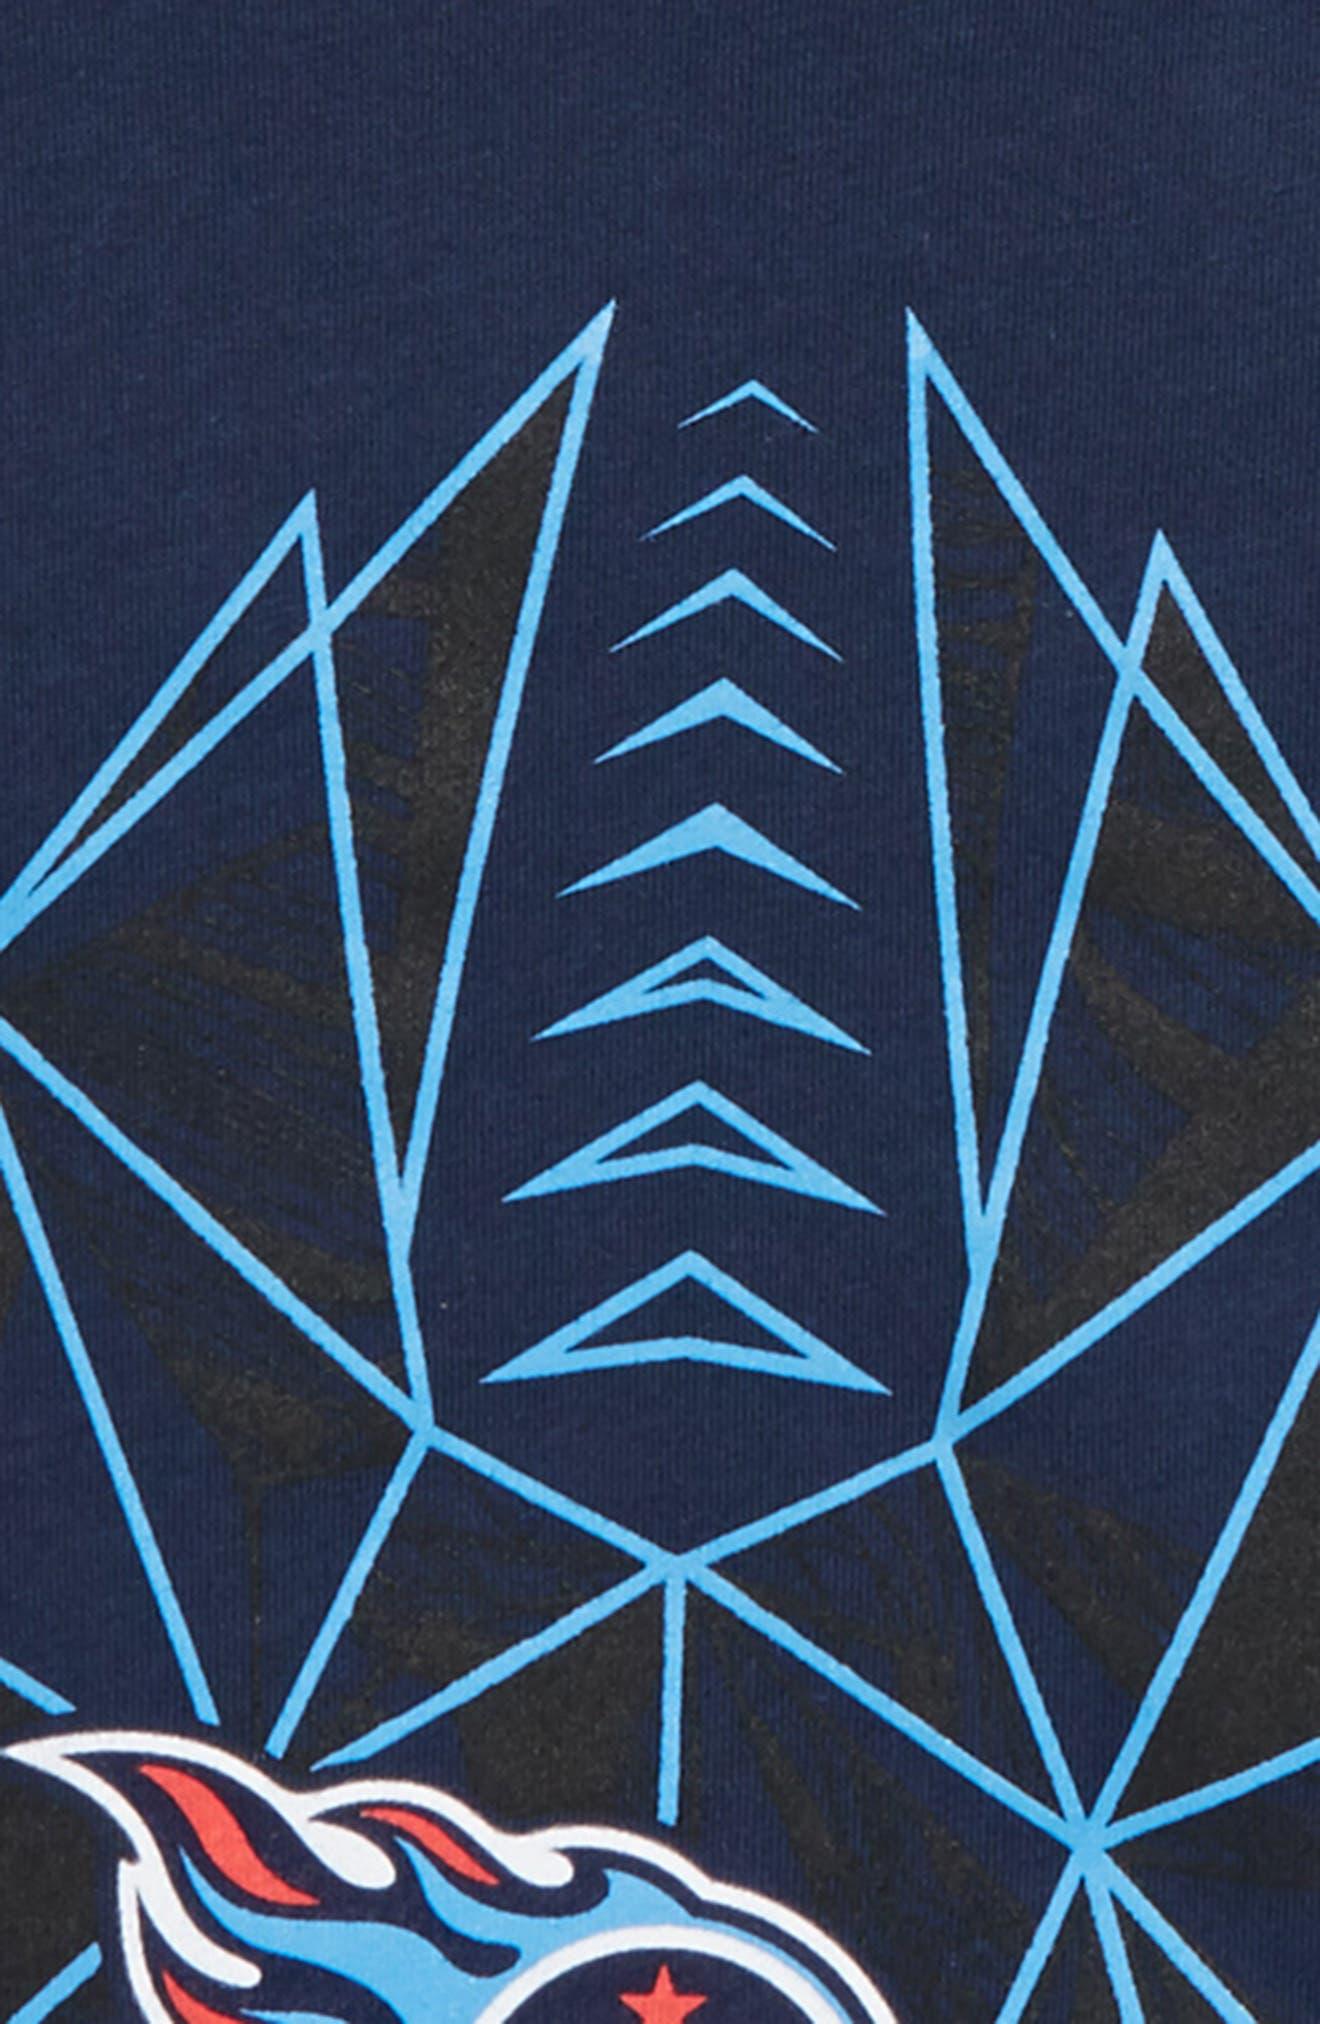 NFL Legend NFL Titans T-Shirt,                             Alternate thumbnail 2, color,                             NAVY